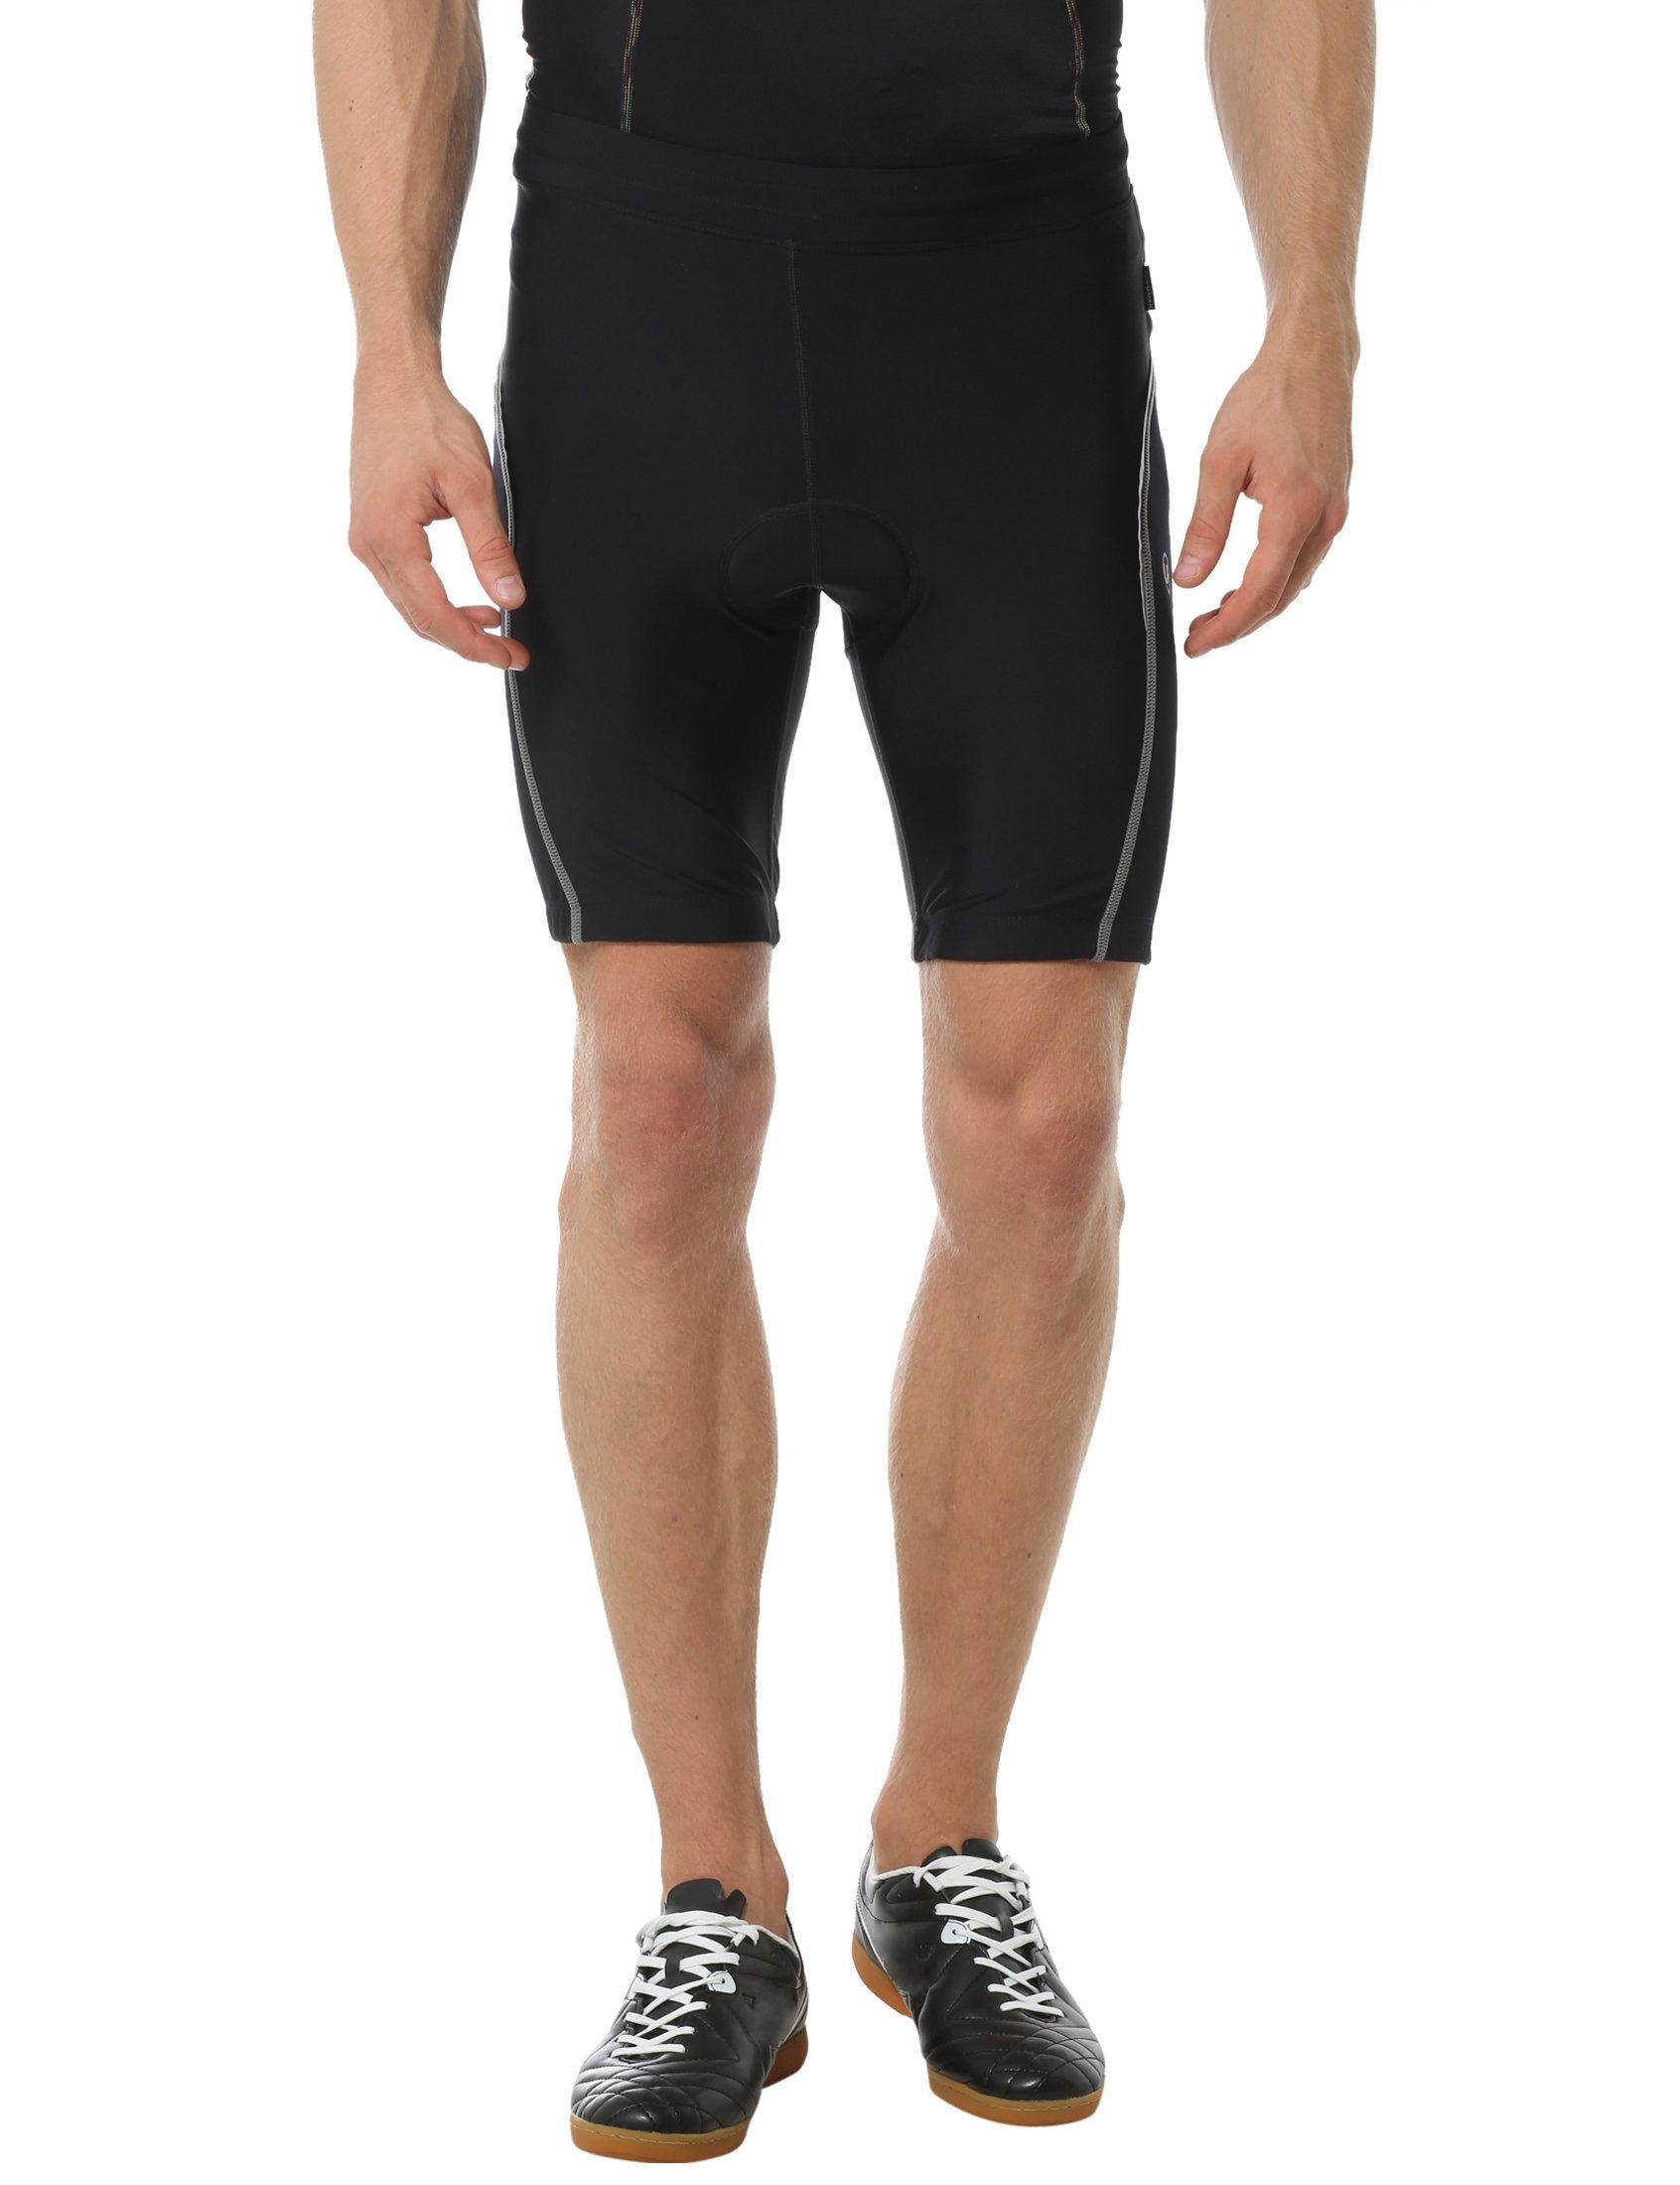 Ultrasport Herren Fahrradhose mit Vorgeformter Polsterung, Schwarz/Grau, S